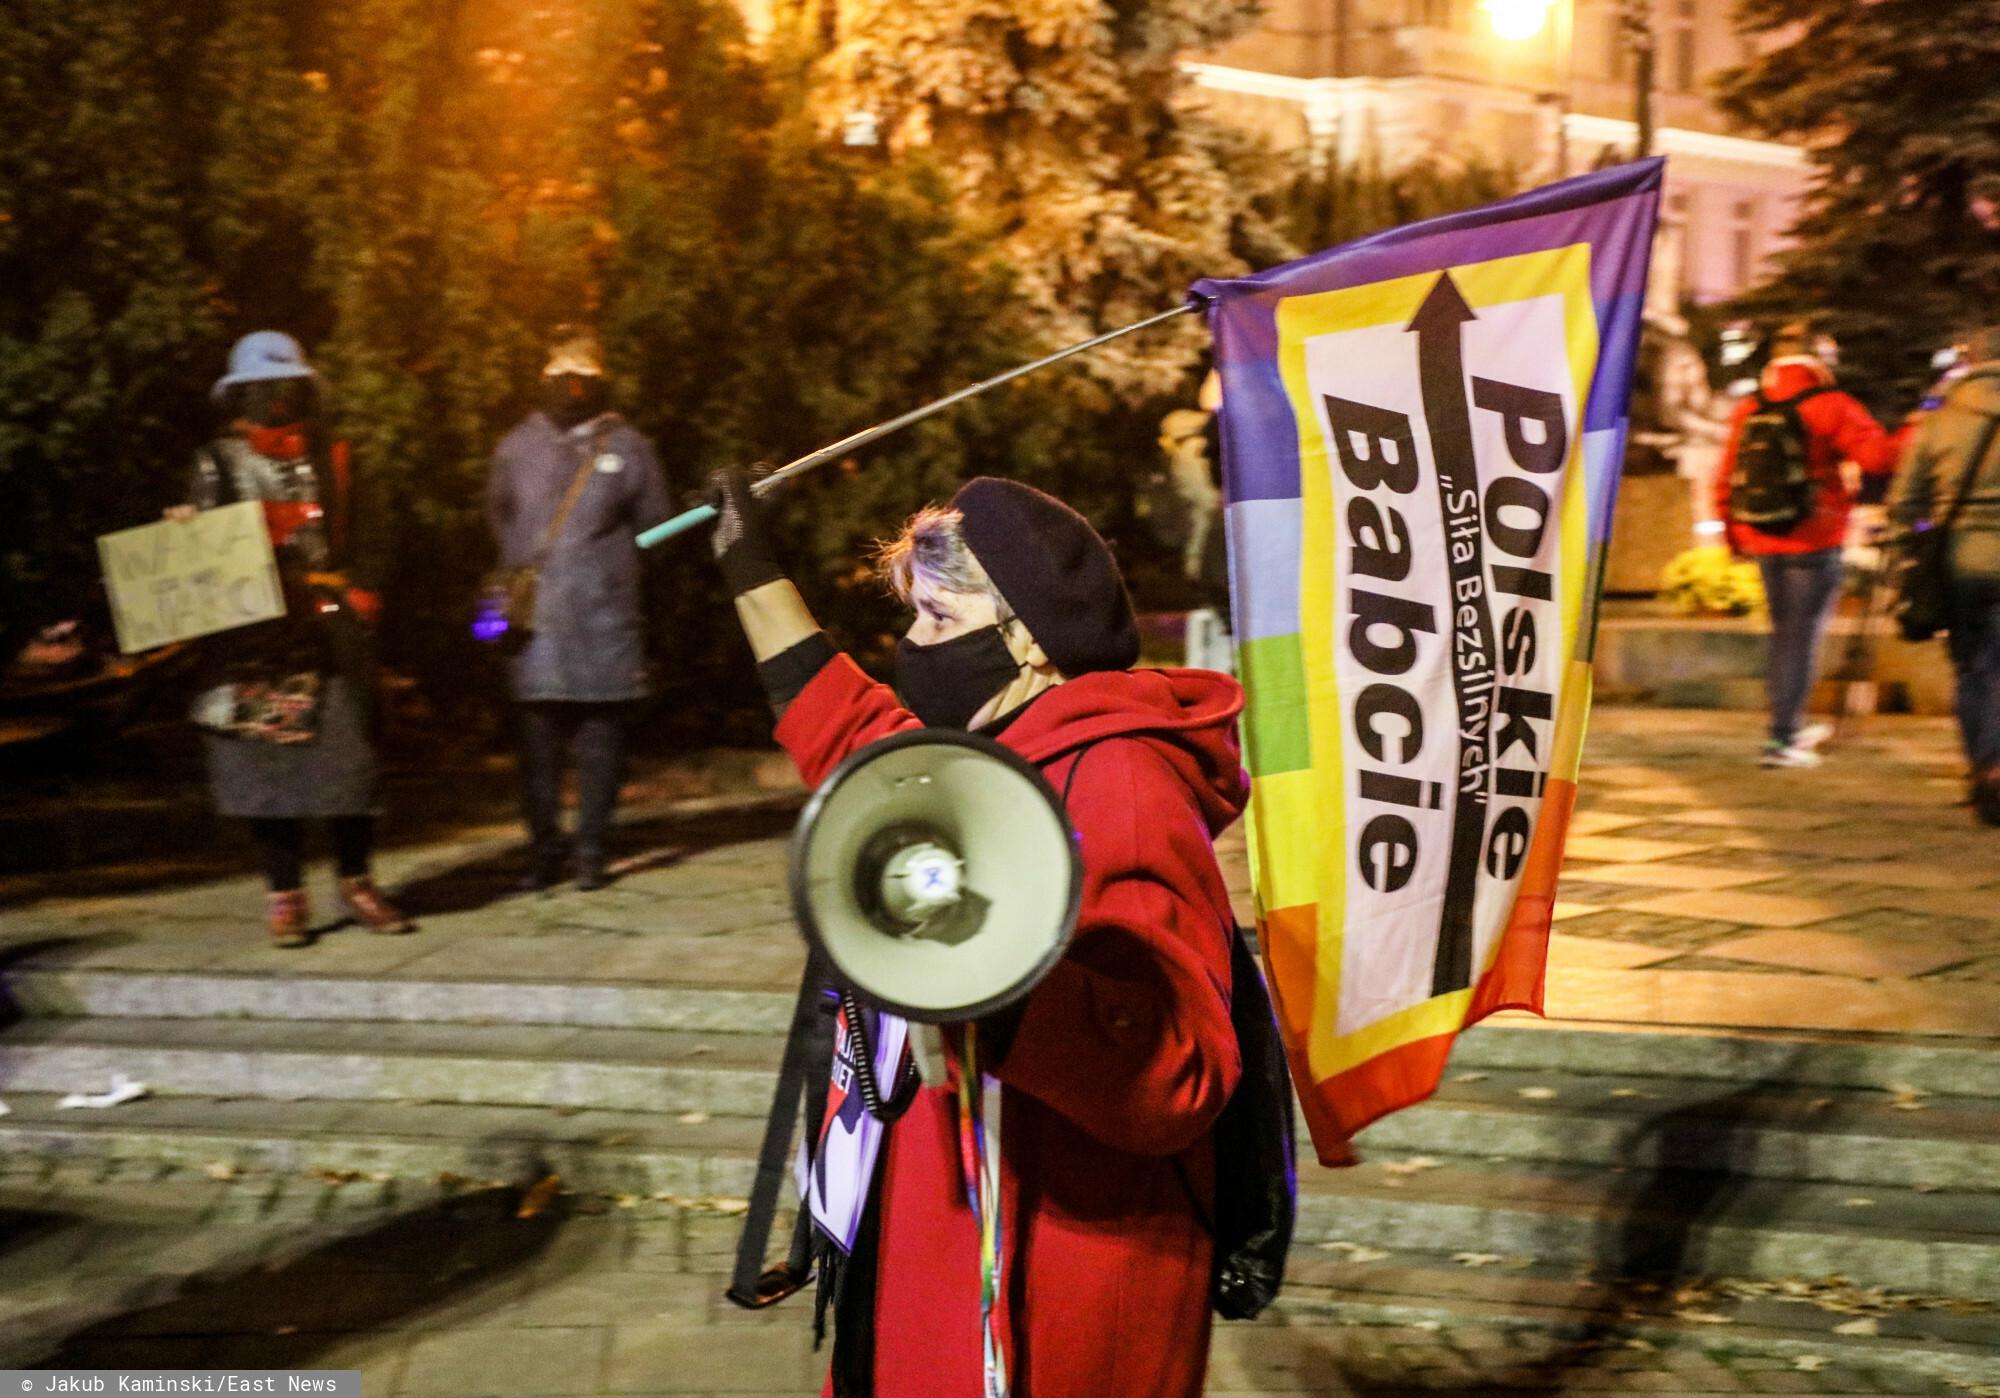 Polska Babcia zatrzymana w sobotę przez policję usłyszała wczoraj absurdalne zarzuty.